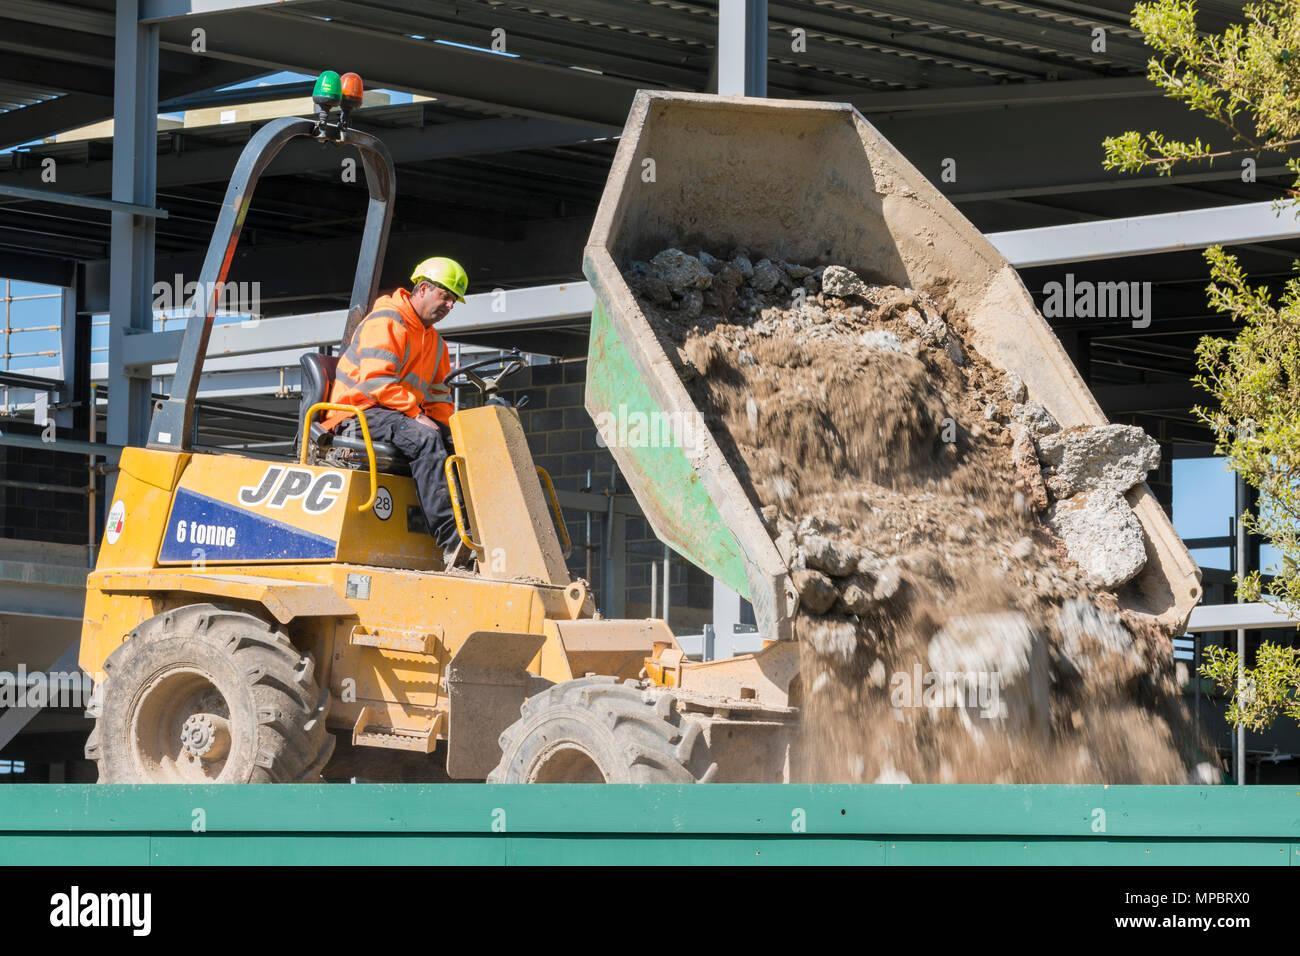 Costruzione veicolo su un sito di costruzione il ribaltamento le macerie. JPC veicolo. Immagini Stock